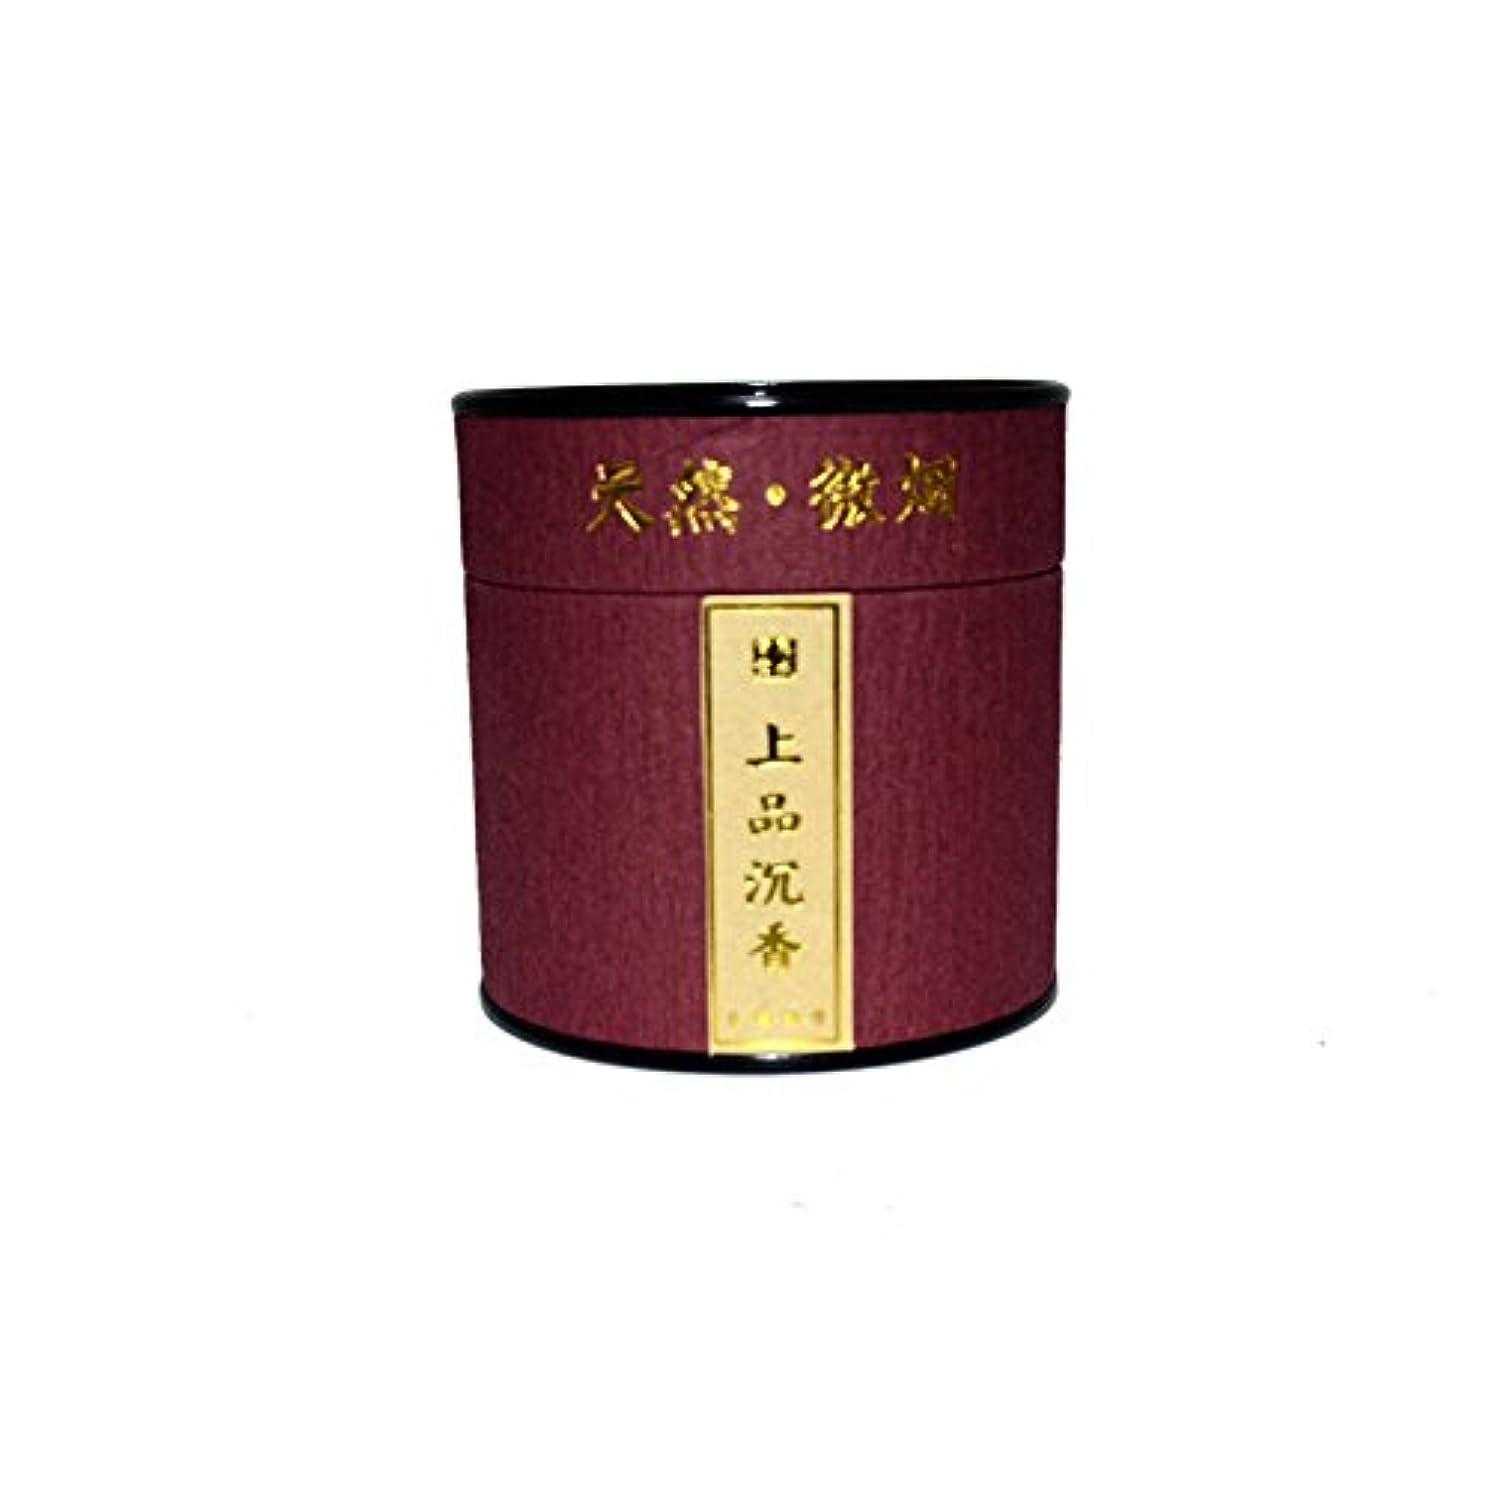 呪い真鍮ファイル天然仏香; ビャクダン; きゃら;じんこう;線香;神具; 仏具; 一护の健康; マッサージを缓める; あん摩する